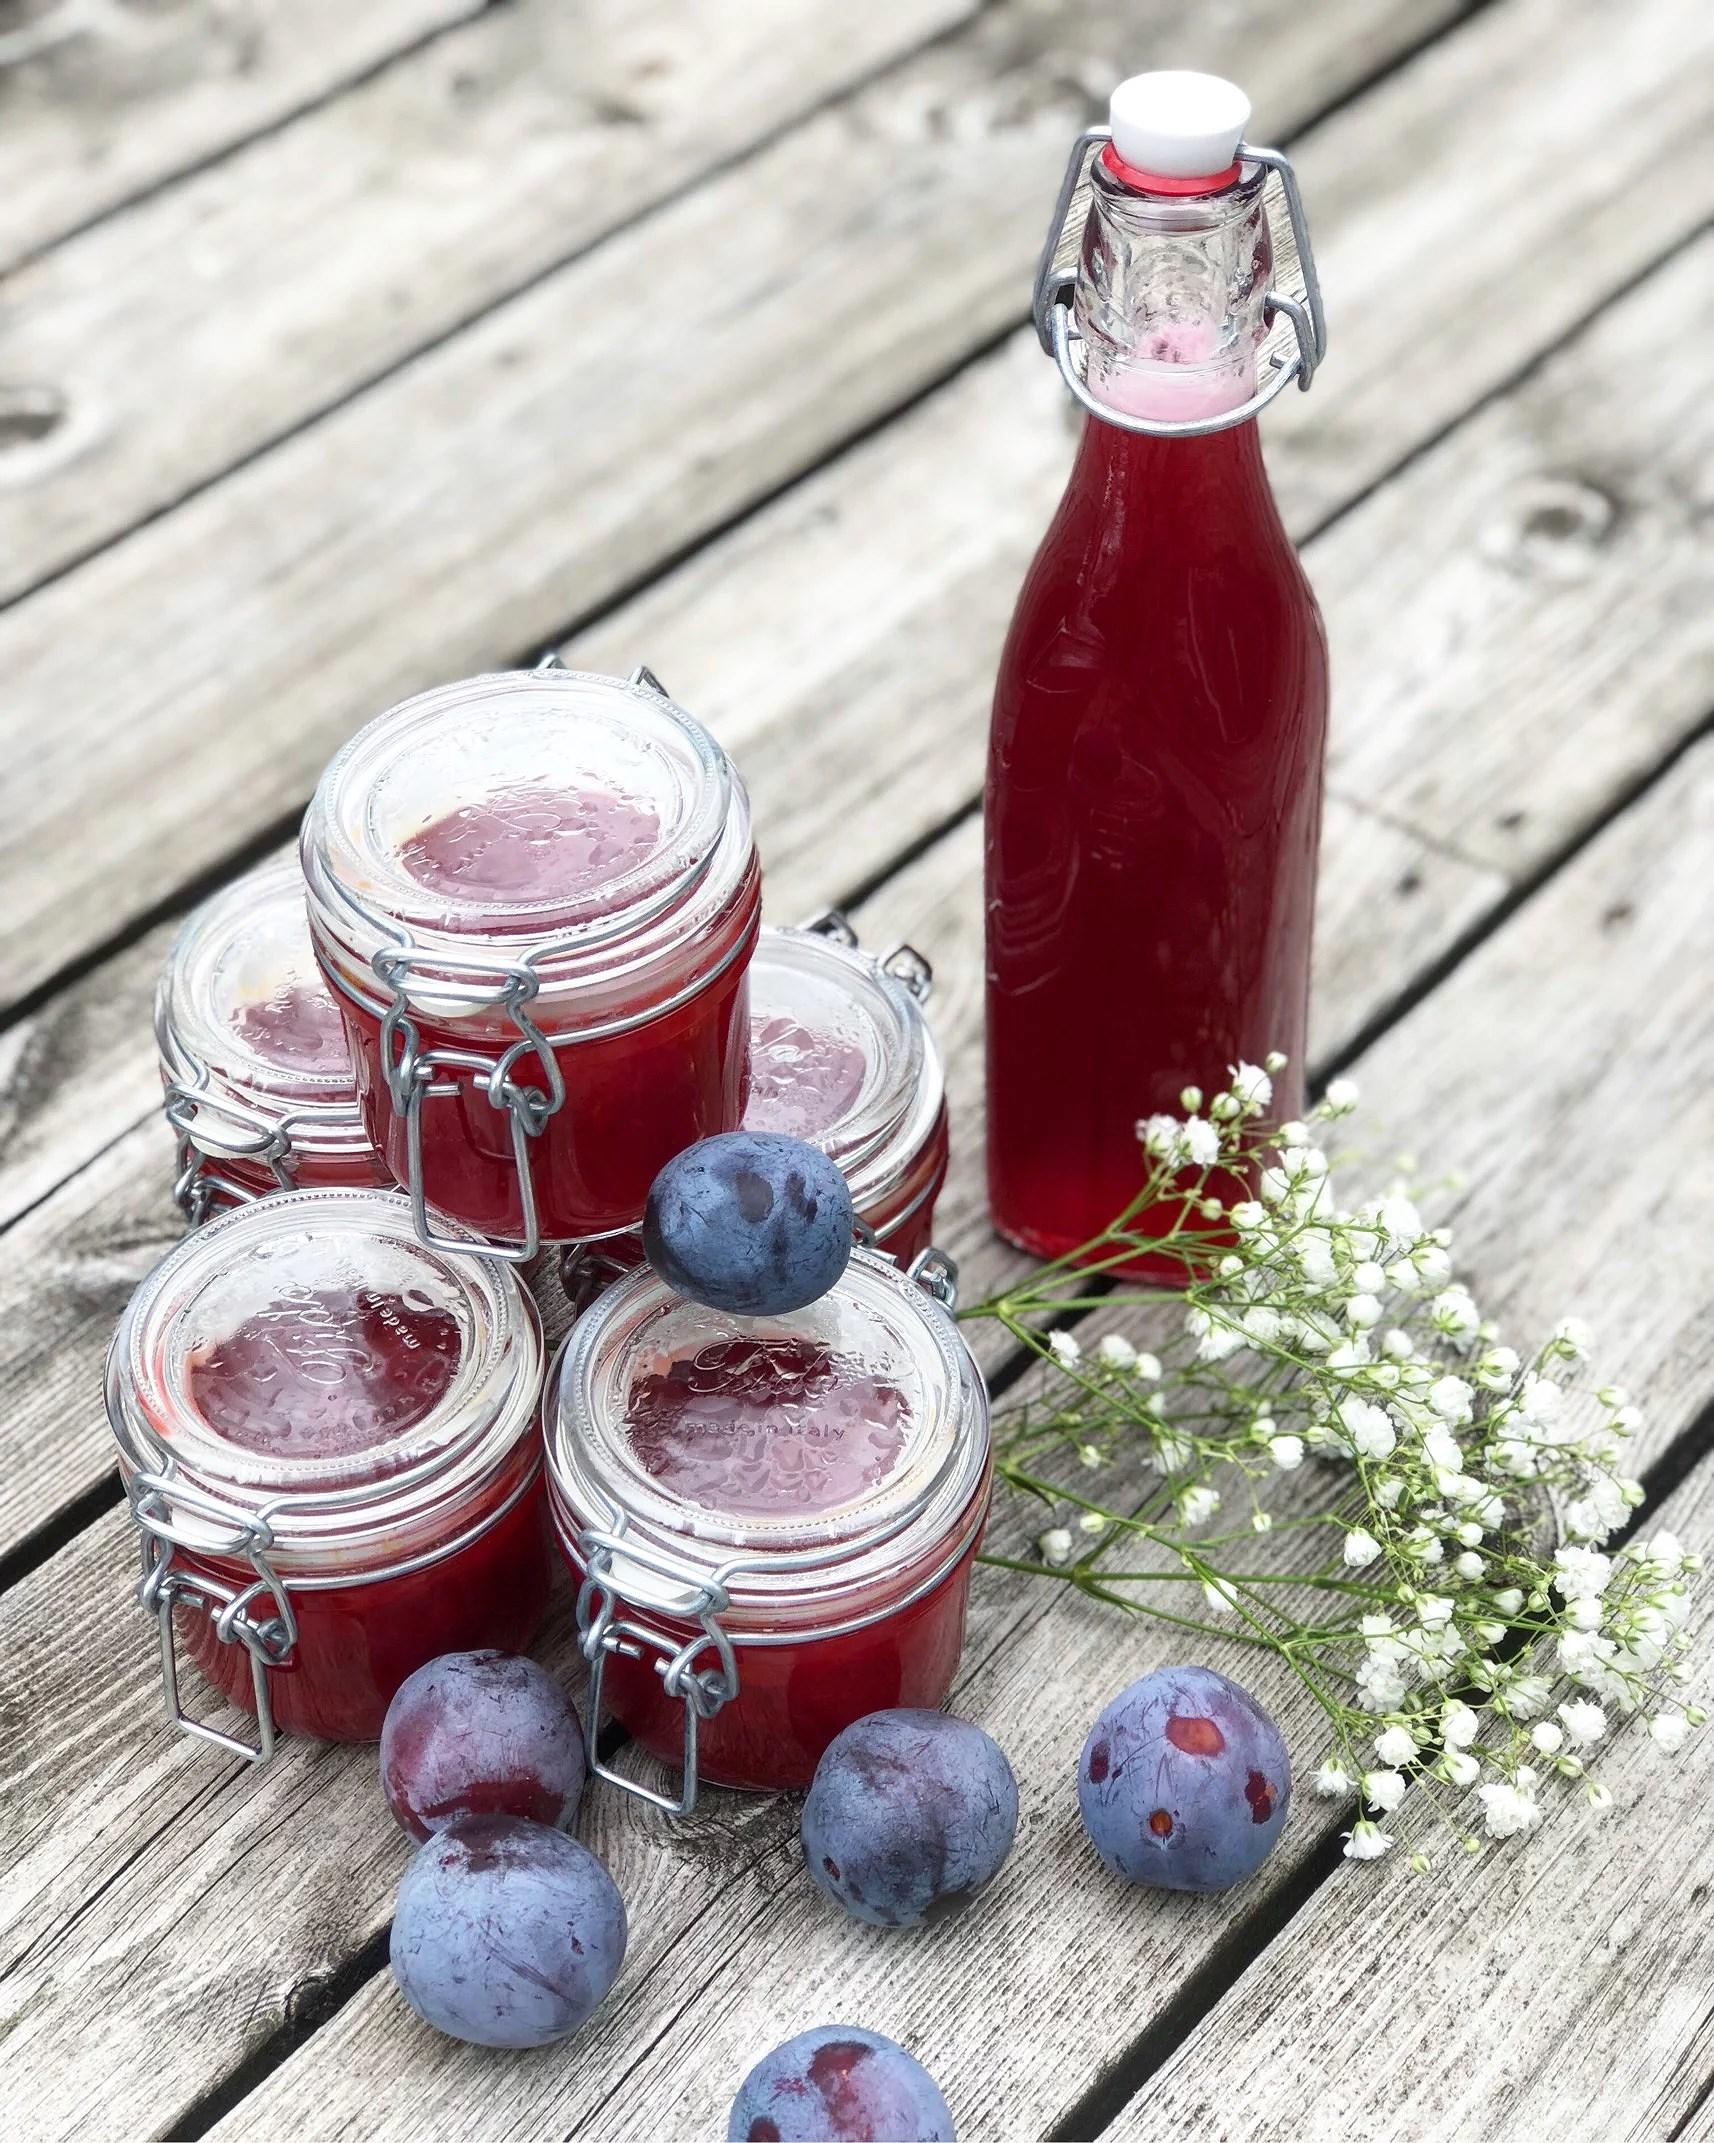 Hemmagjord marmelad & saft!